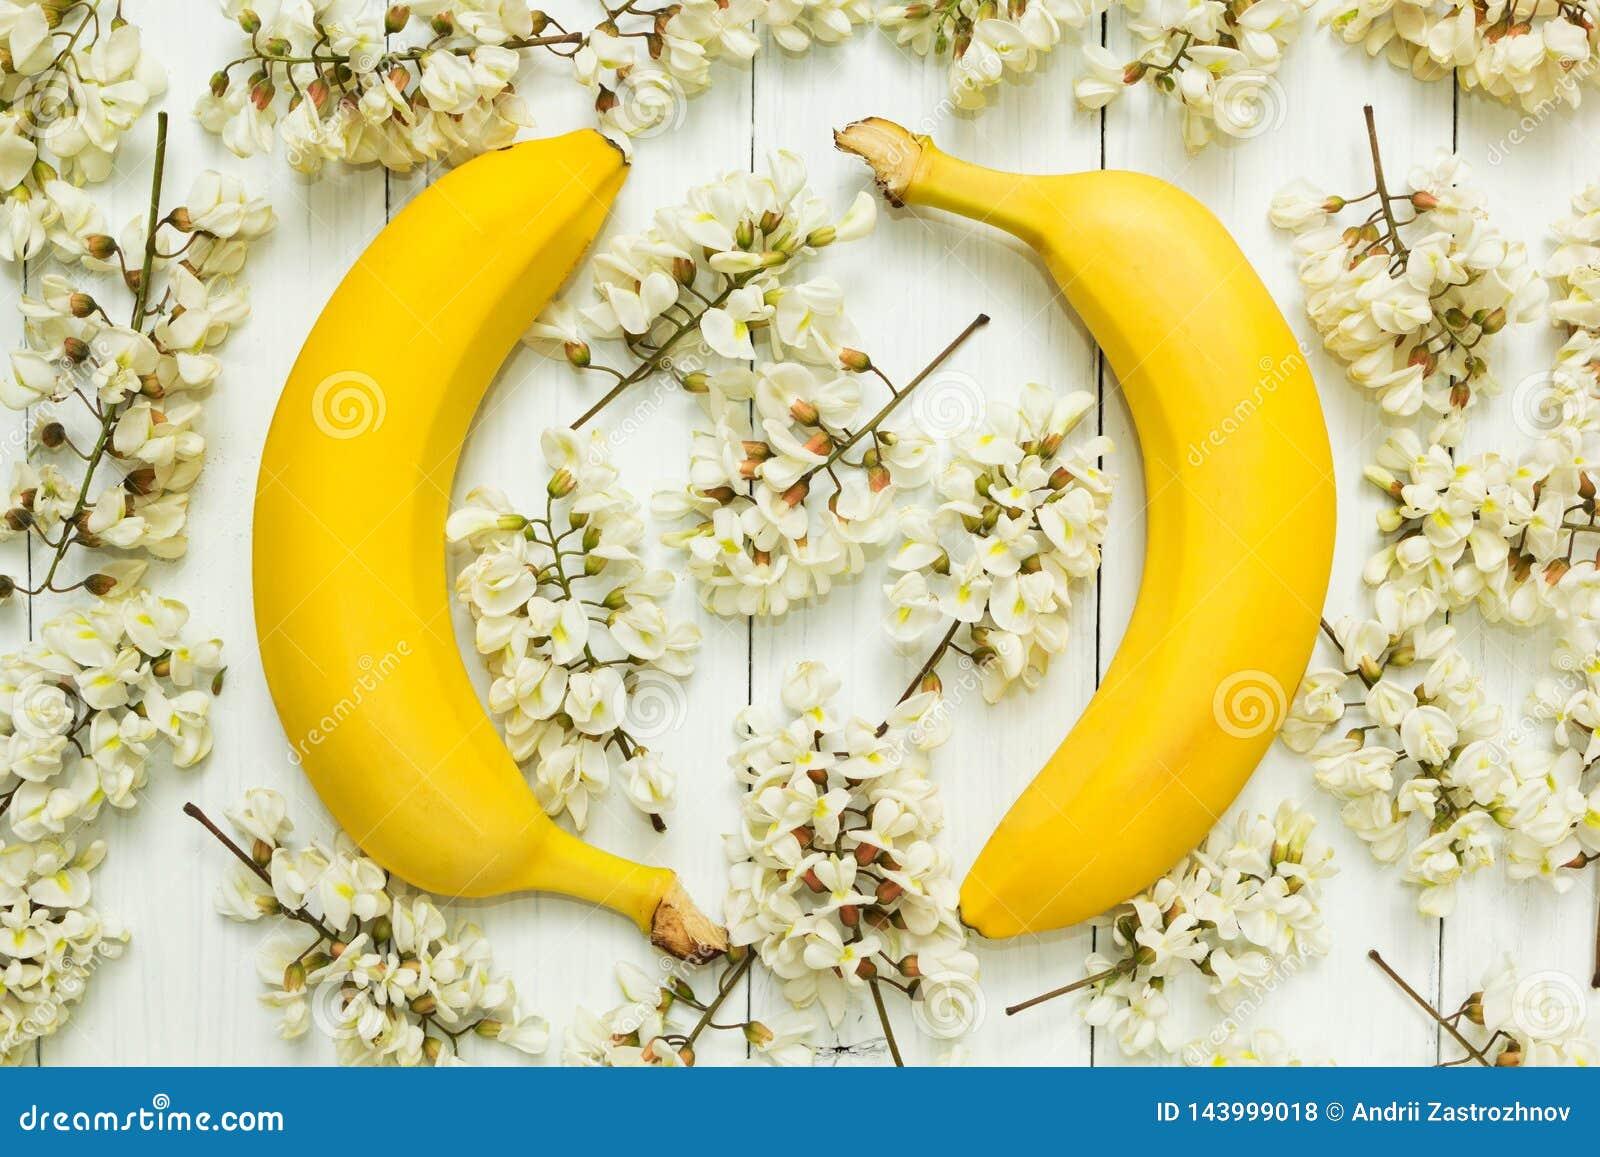 Zwei gelbe Bananen auf einem Hintergrund von weißen Akazienblumen